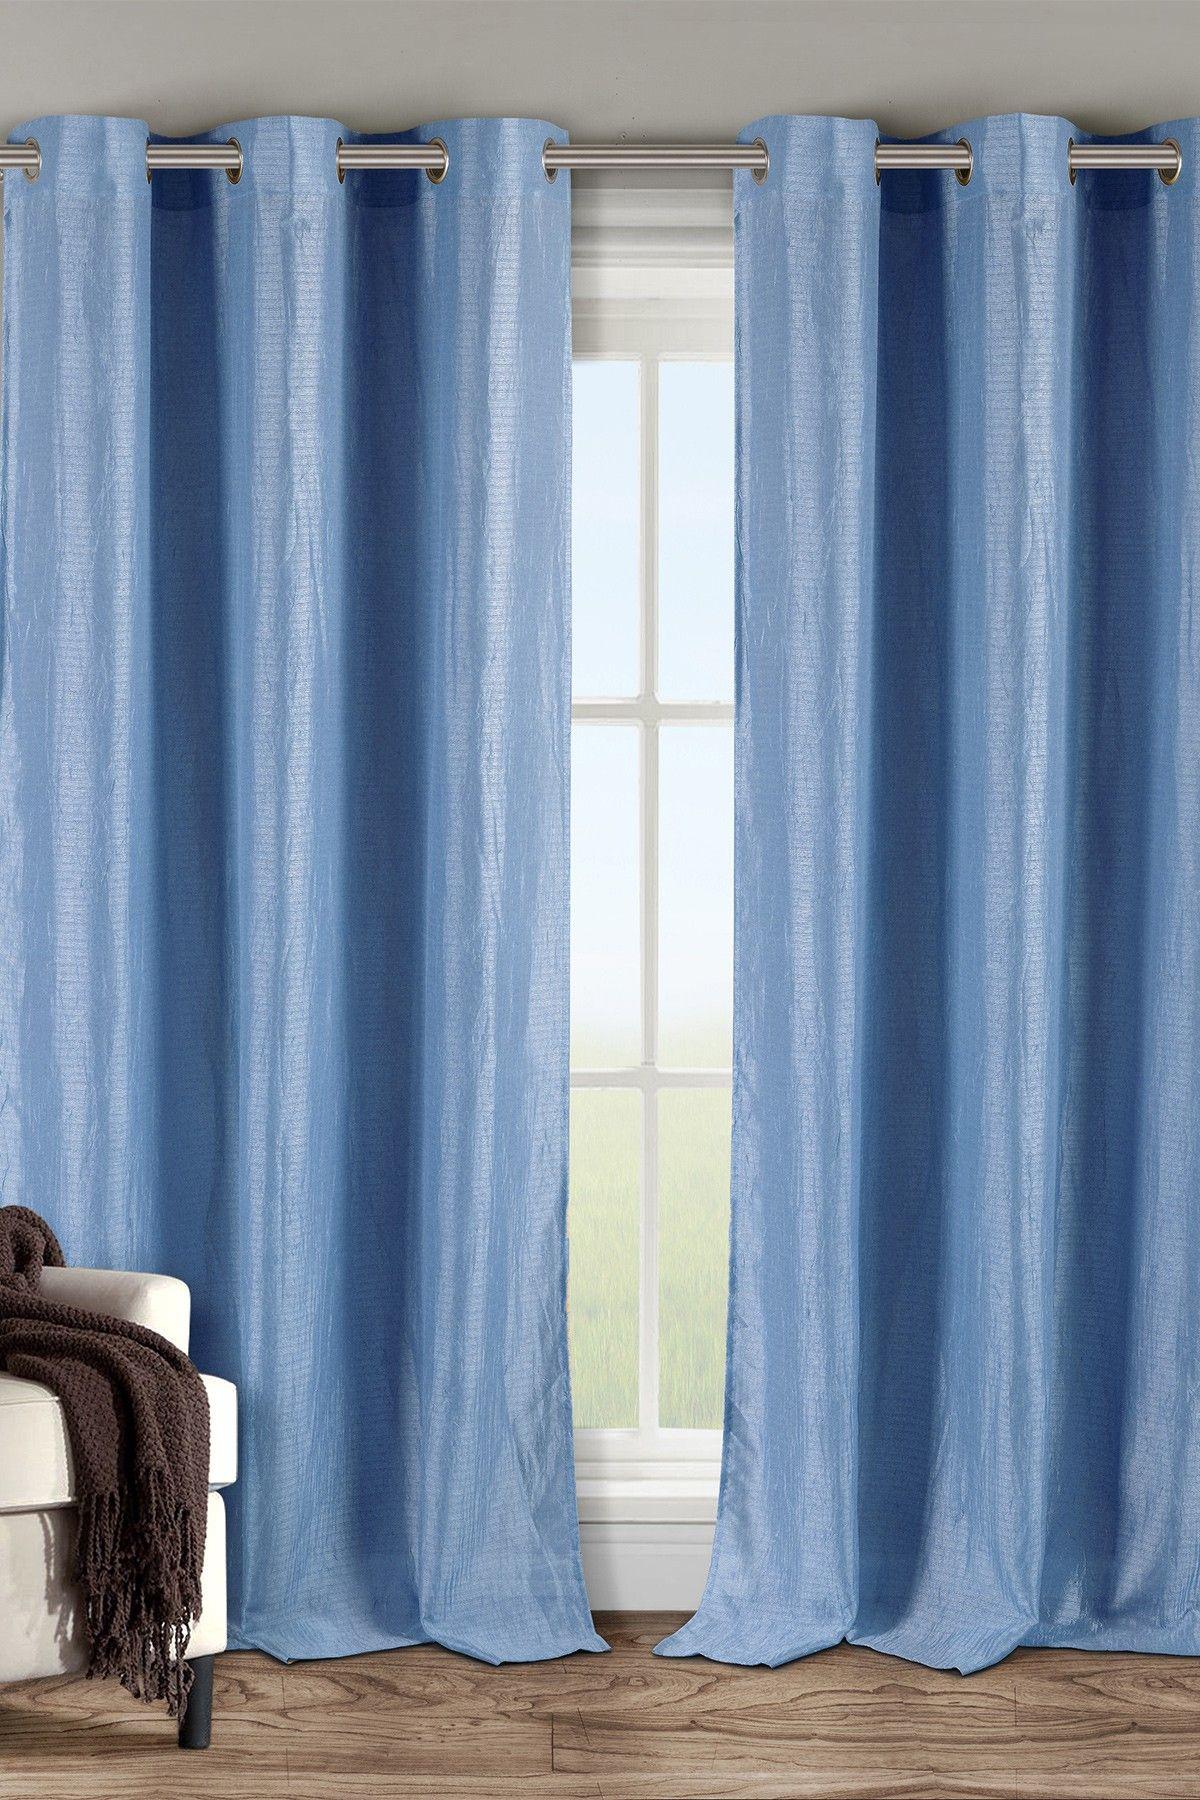 Carrie Sheer Grommet Panel Curtains - Set of 2 - Ocean Blue on @HauteLook